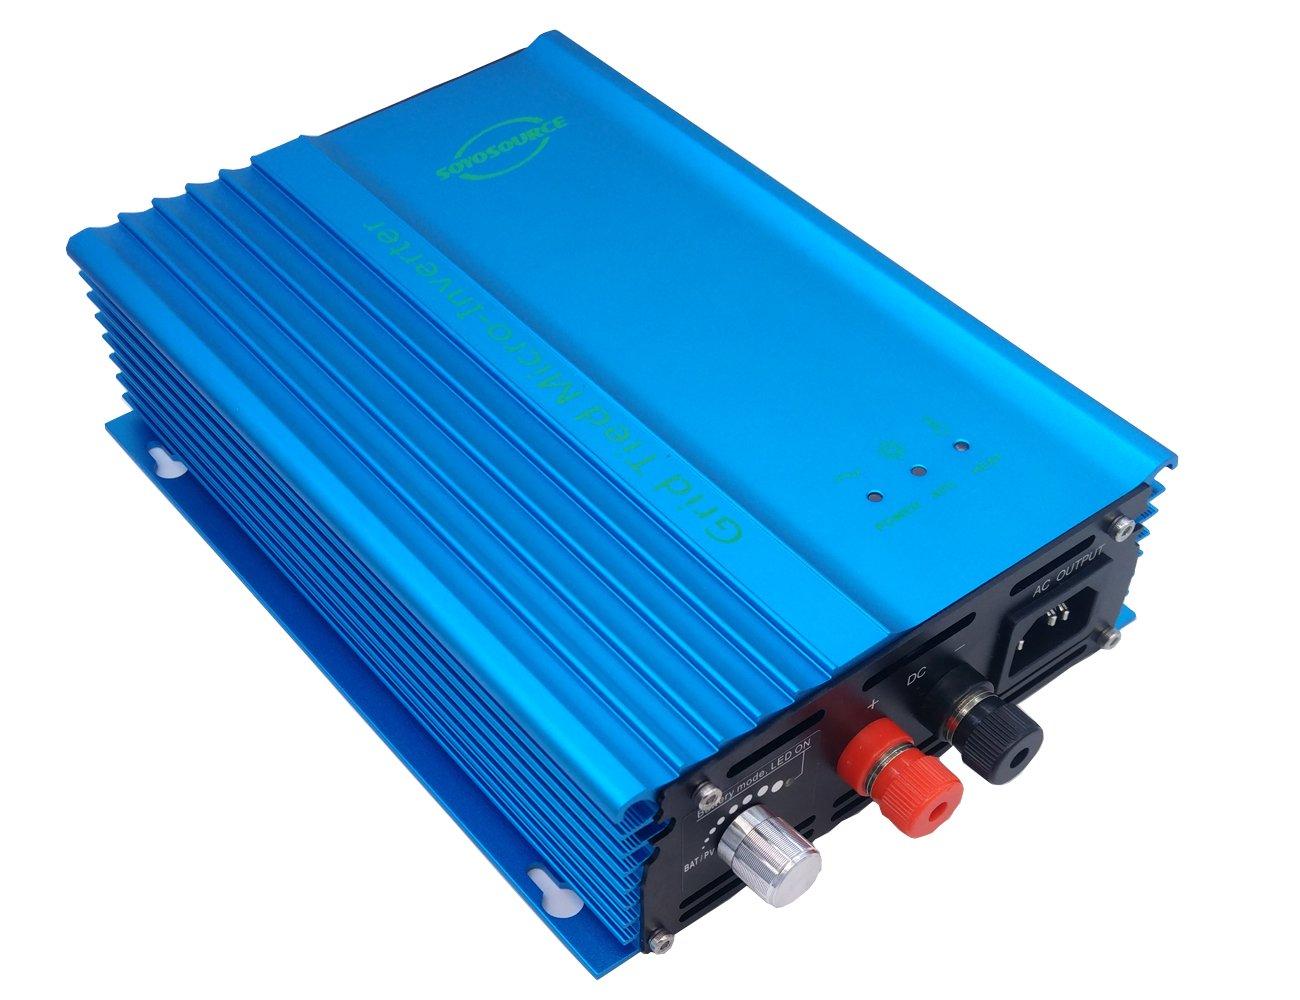 SOYOSOURCE 500W Grid tie Inverter for PV Voc Range:55v-90v Home Solar System or 48V Battery Discharge Adjustable Power Output high Efficiency dc Inverter Pure sine Wave (500W-ADJ-DC:55V-90V)